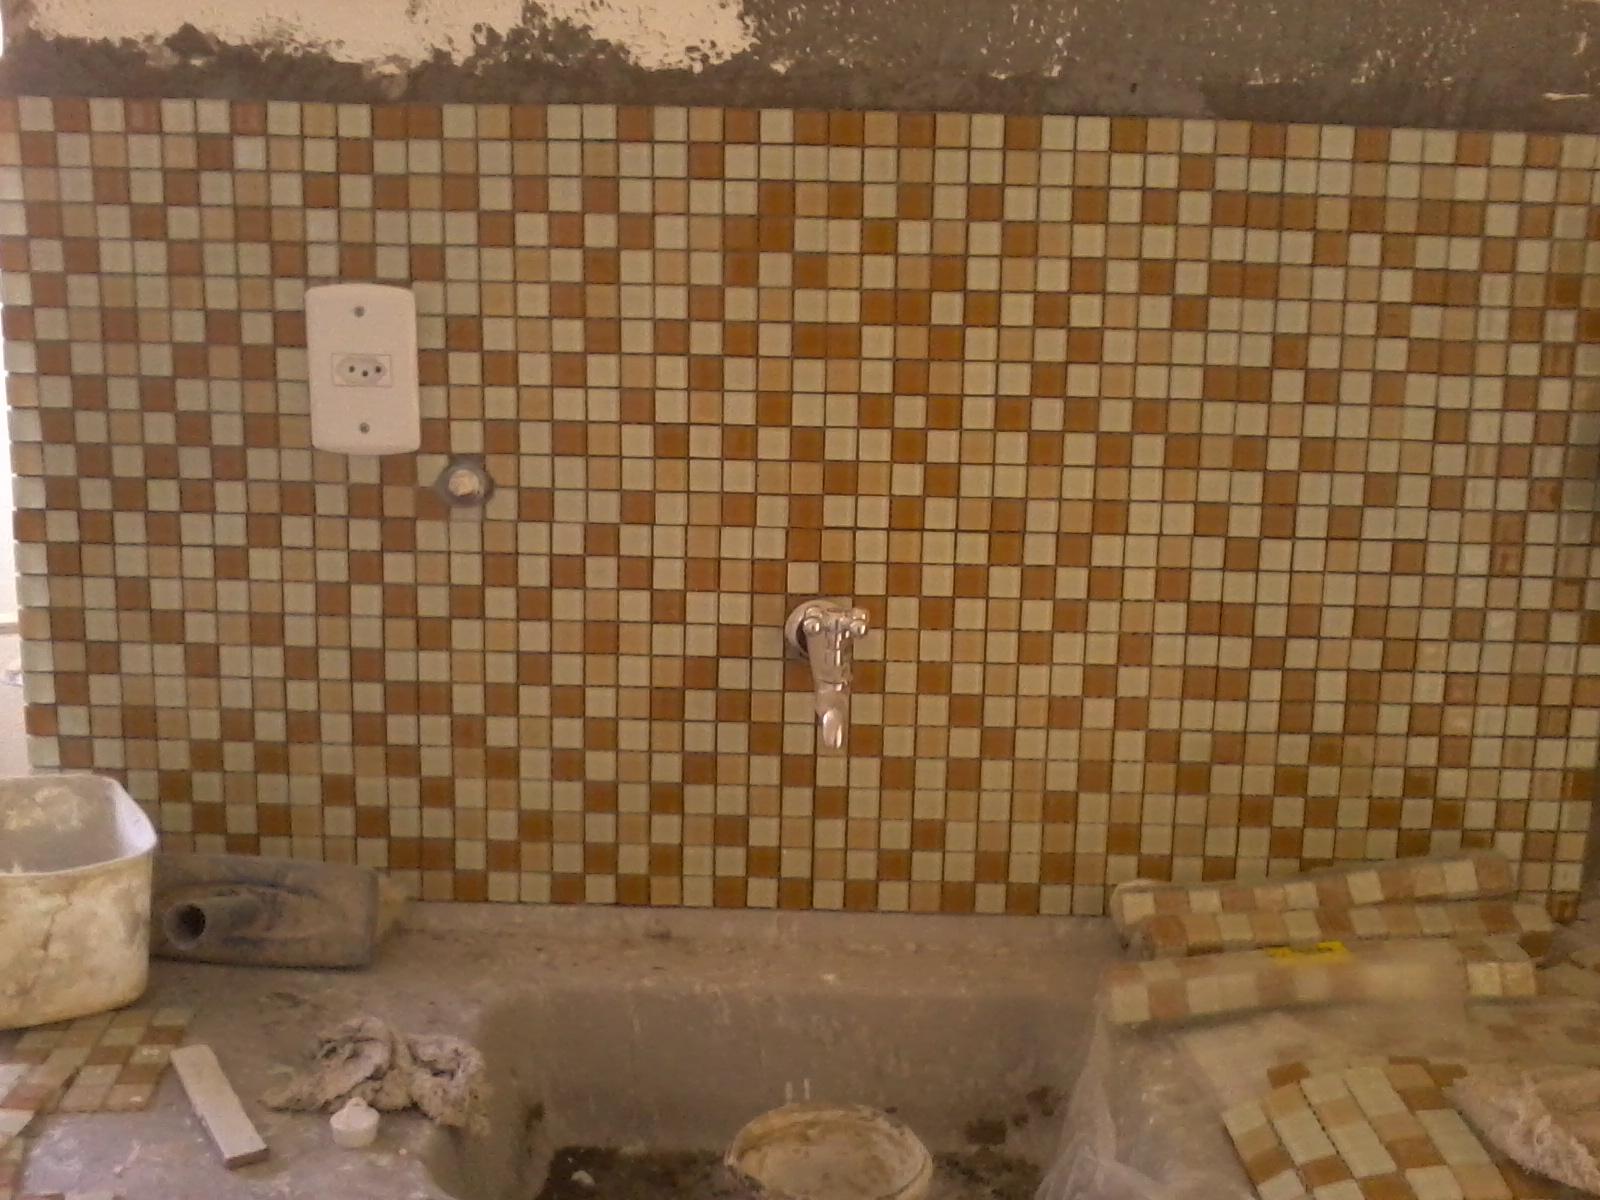 APARTAMENTO EM REFORMA: ''cozinha e banheiro pastilhas''  #6C4A29 1600x1200 Banheiro Com Pastilhas Marron